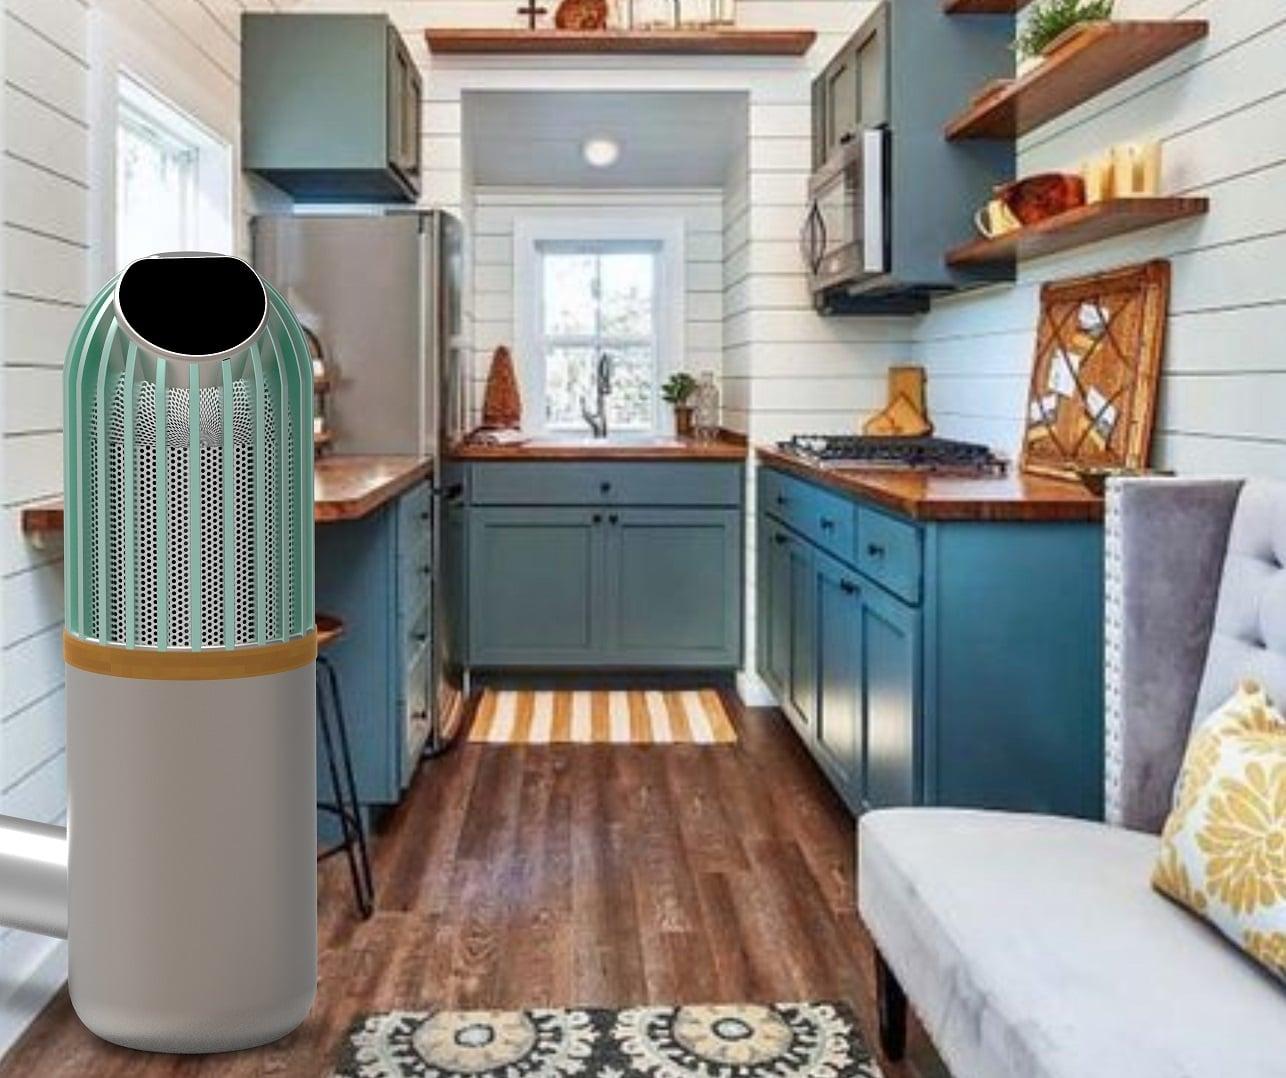 Caeli Energie soutenu par Vinci pour son projet de climatisation à faible empreinte environnementale destiné aux bâtiments résidentiels et petit tertiaire